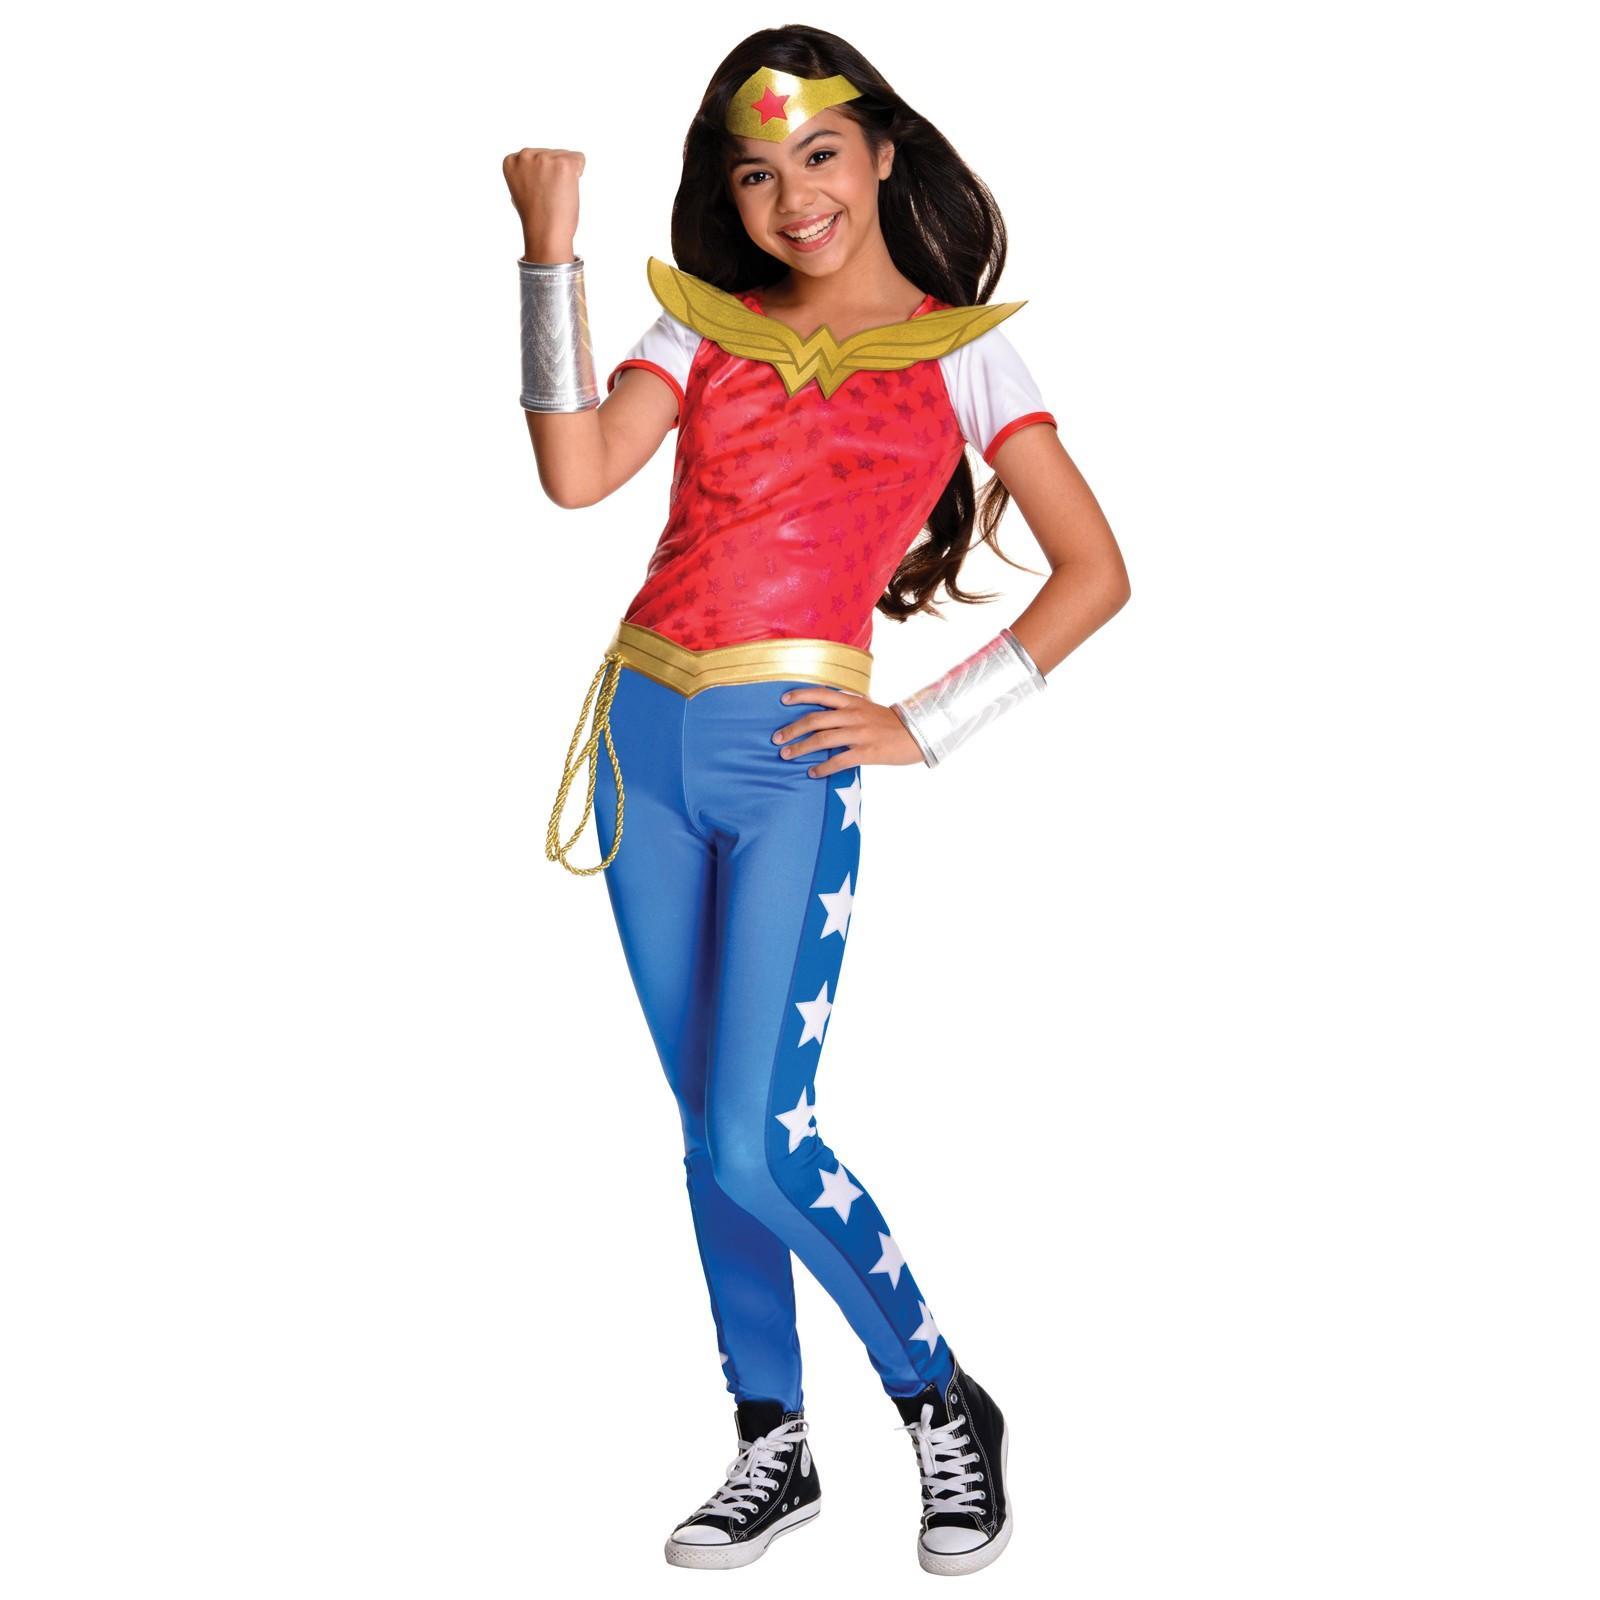 Dc Superhero Girls Wonder Woman Deluxe Child Costume S Walmartcom